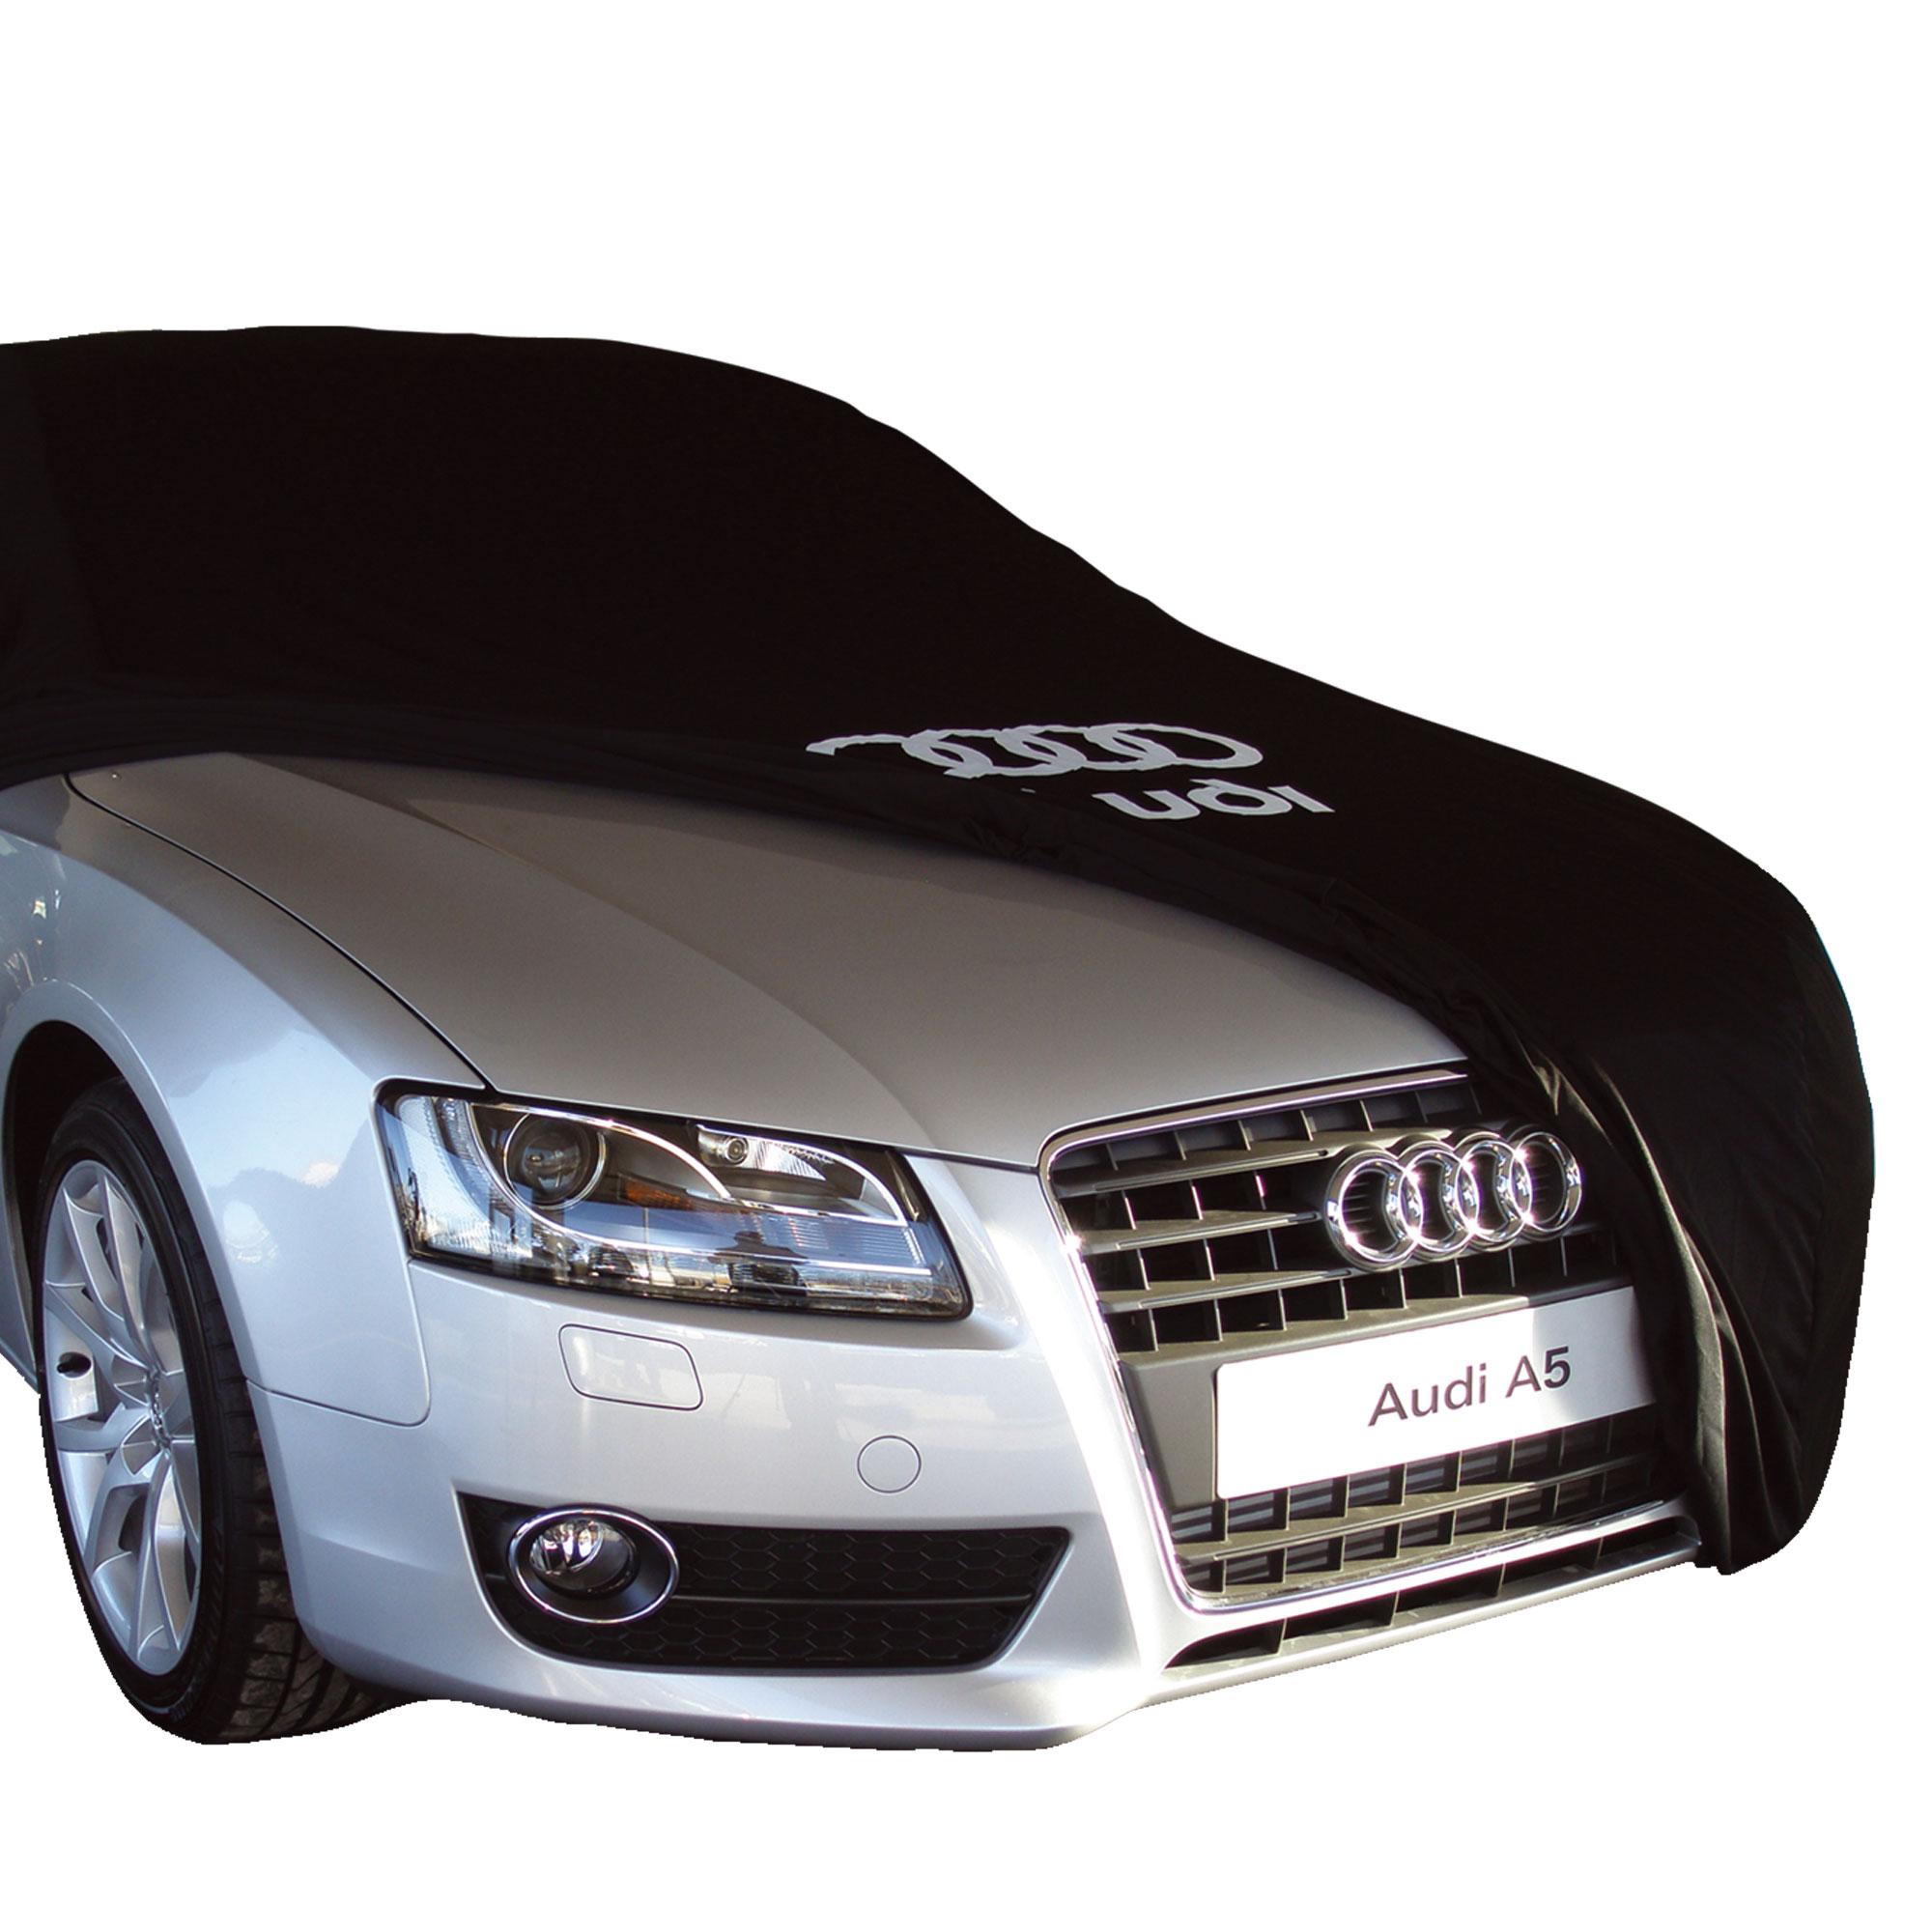 auto cover mit ihrem firmeneindruck jetzt online kaufen im ahb shop. Black Bedroom Furniture Sets. Home Design Ideas